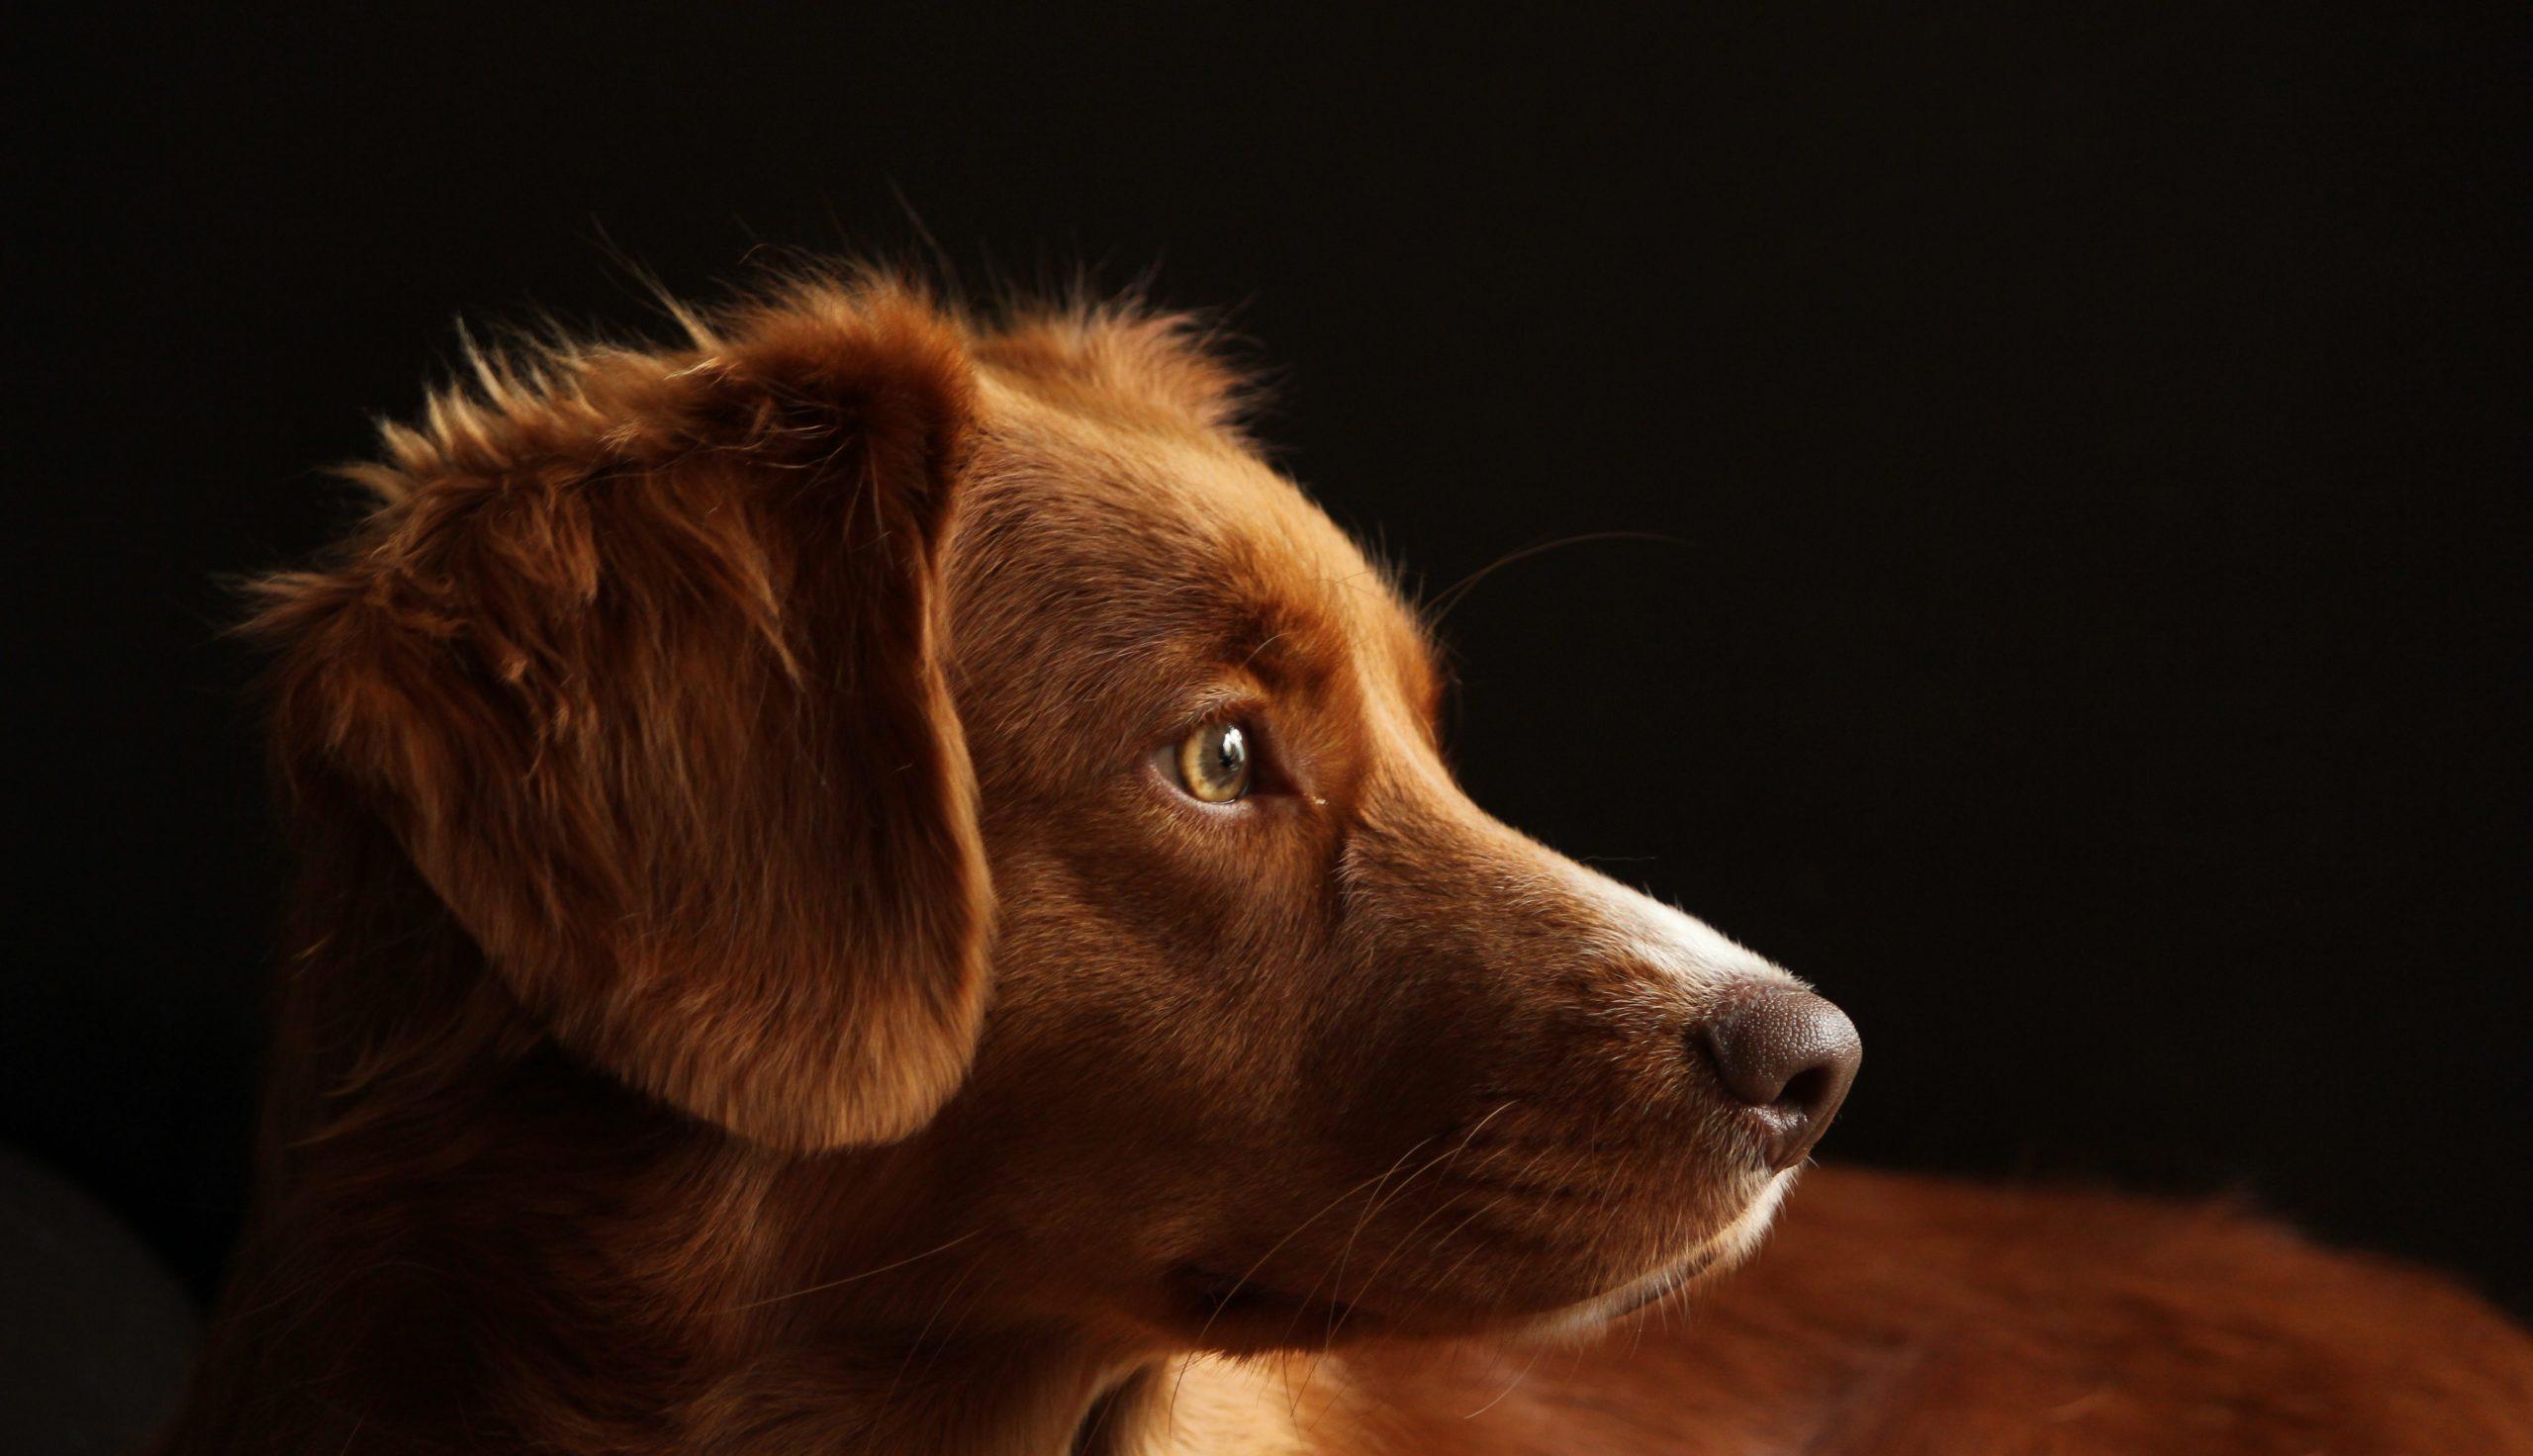 En hund står i mørkt rom og ser til siden